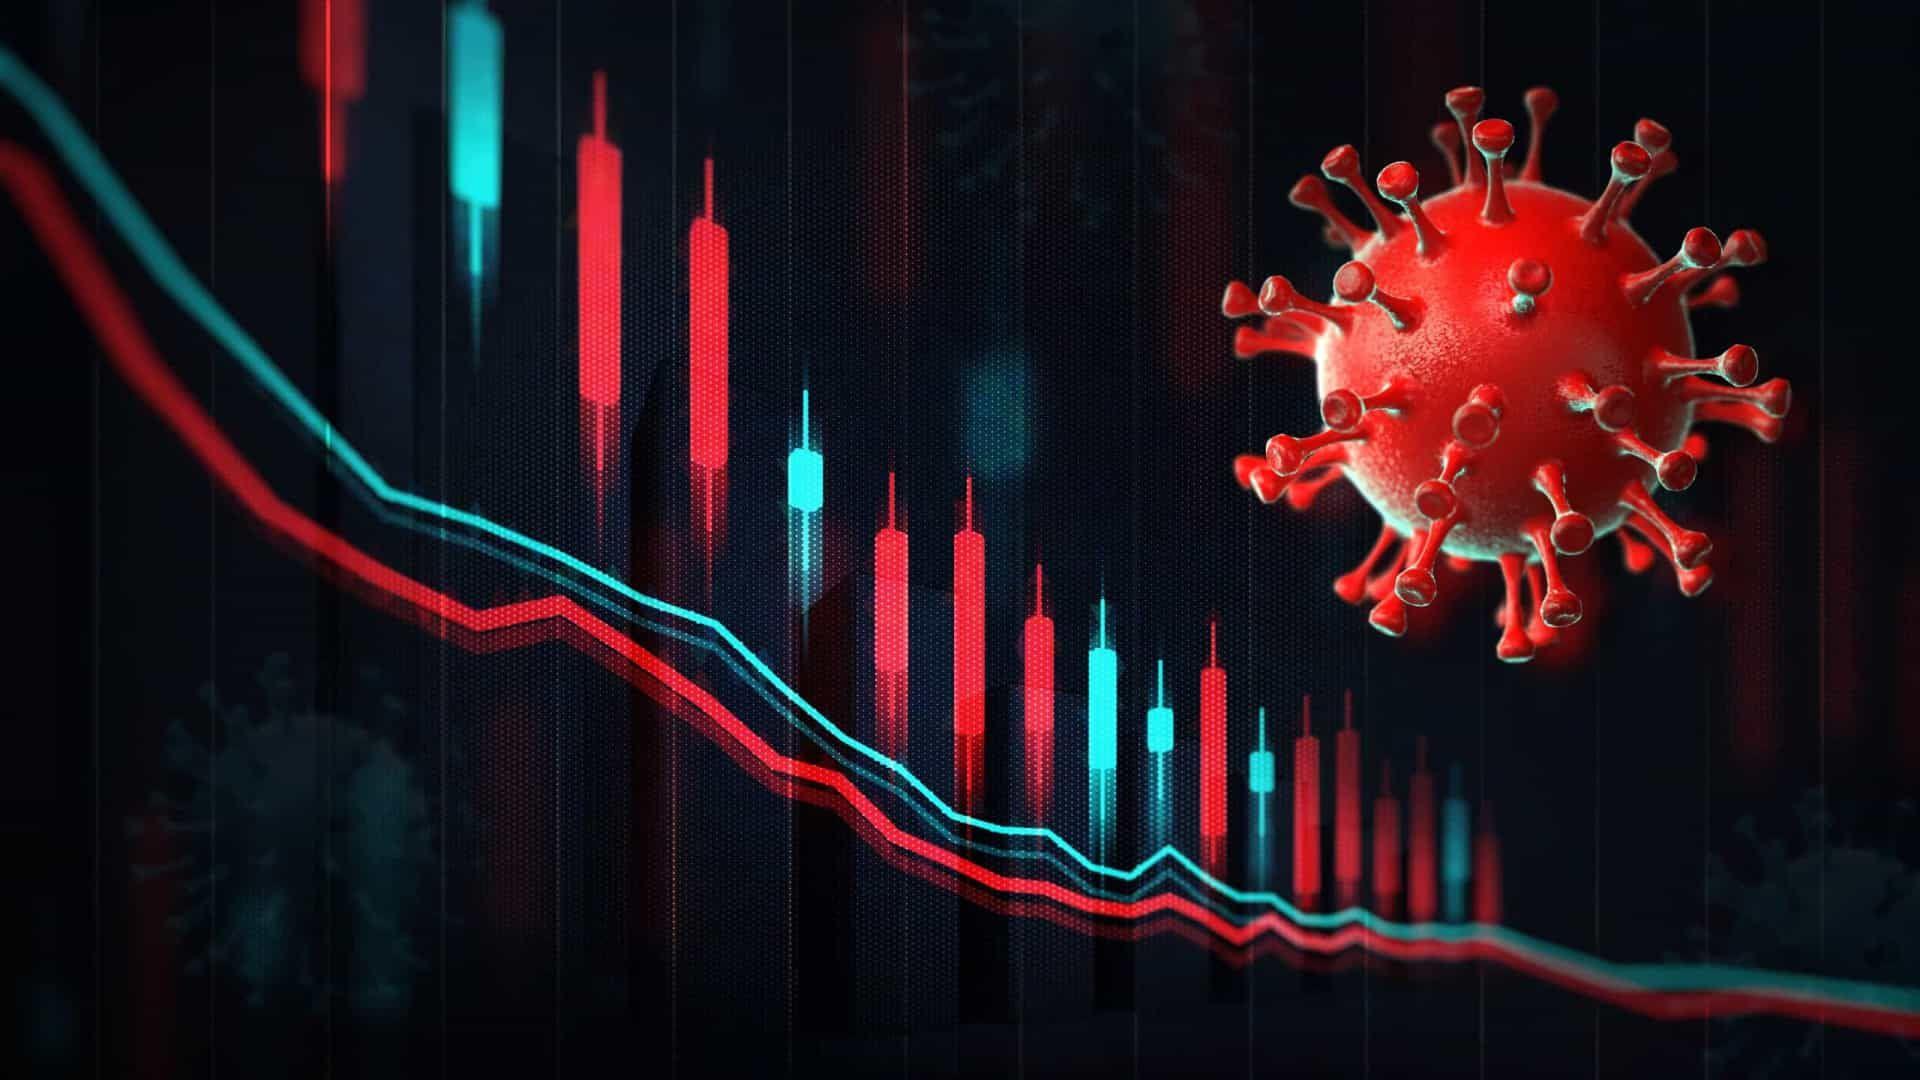 Incerteza economica e pandemia